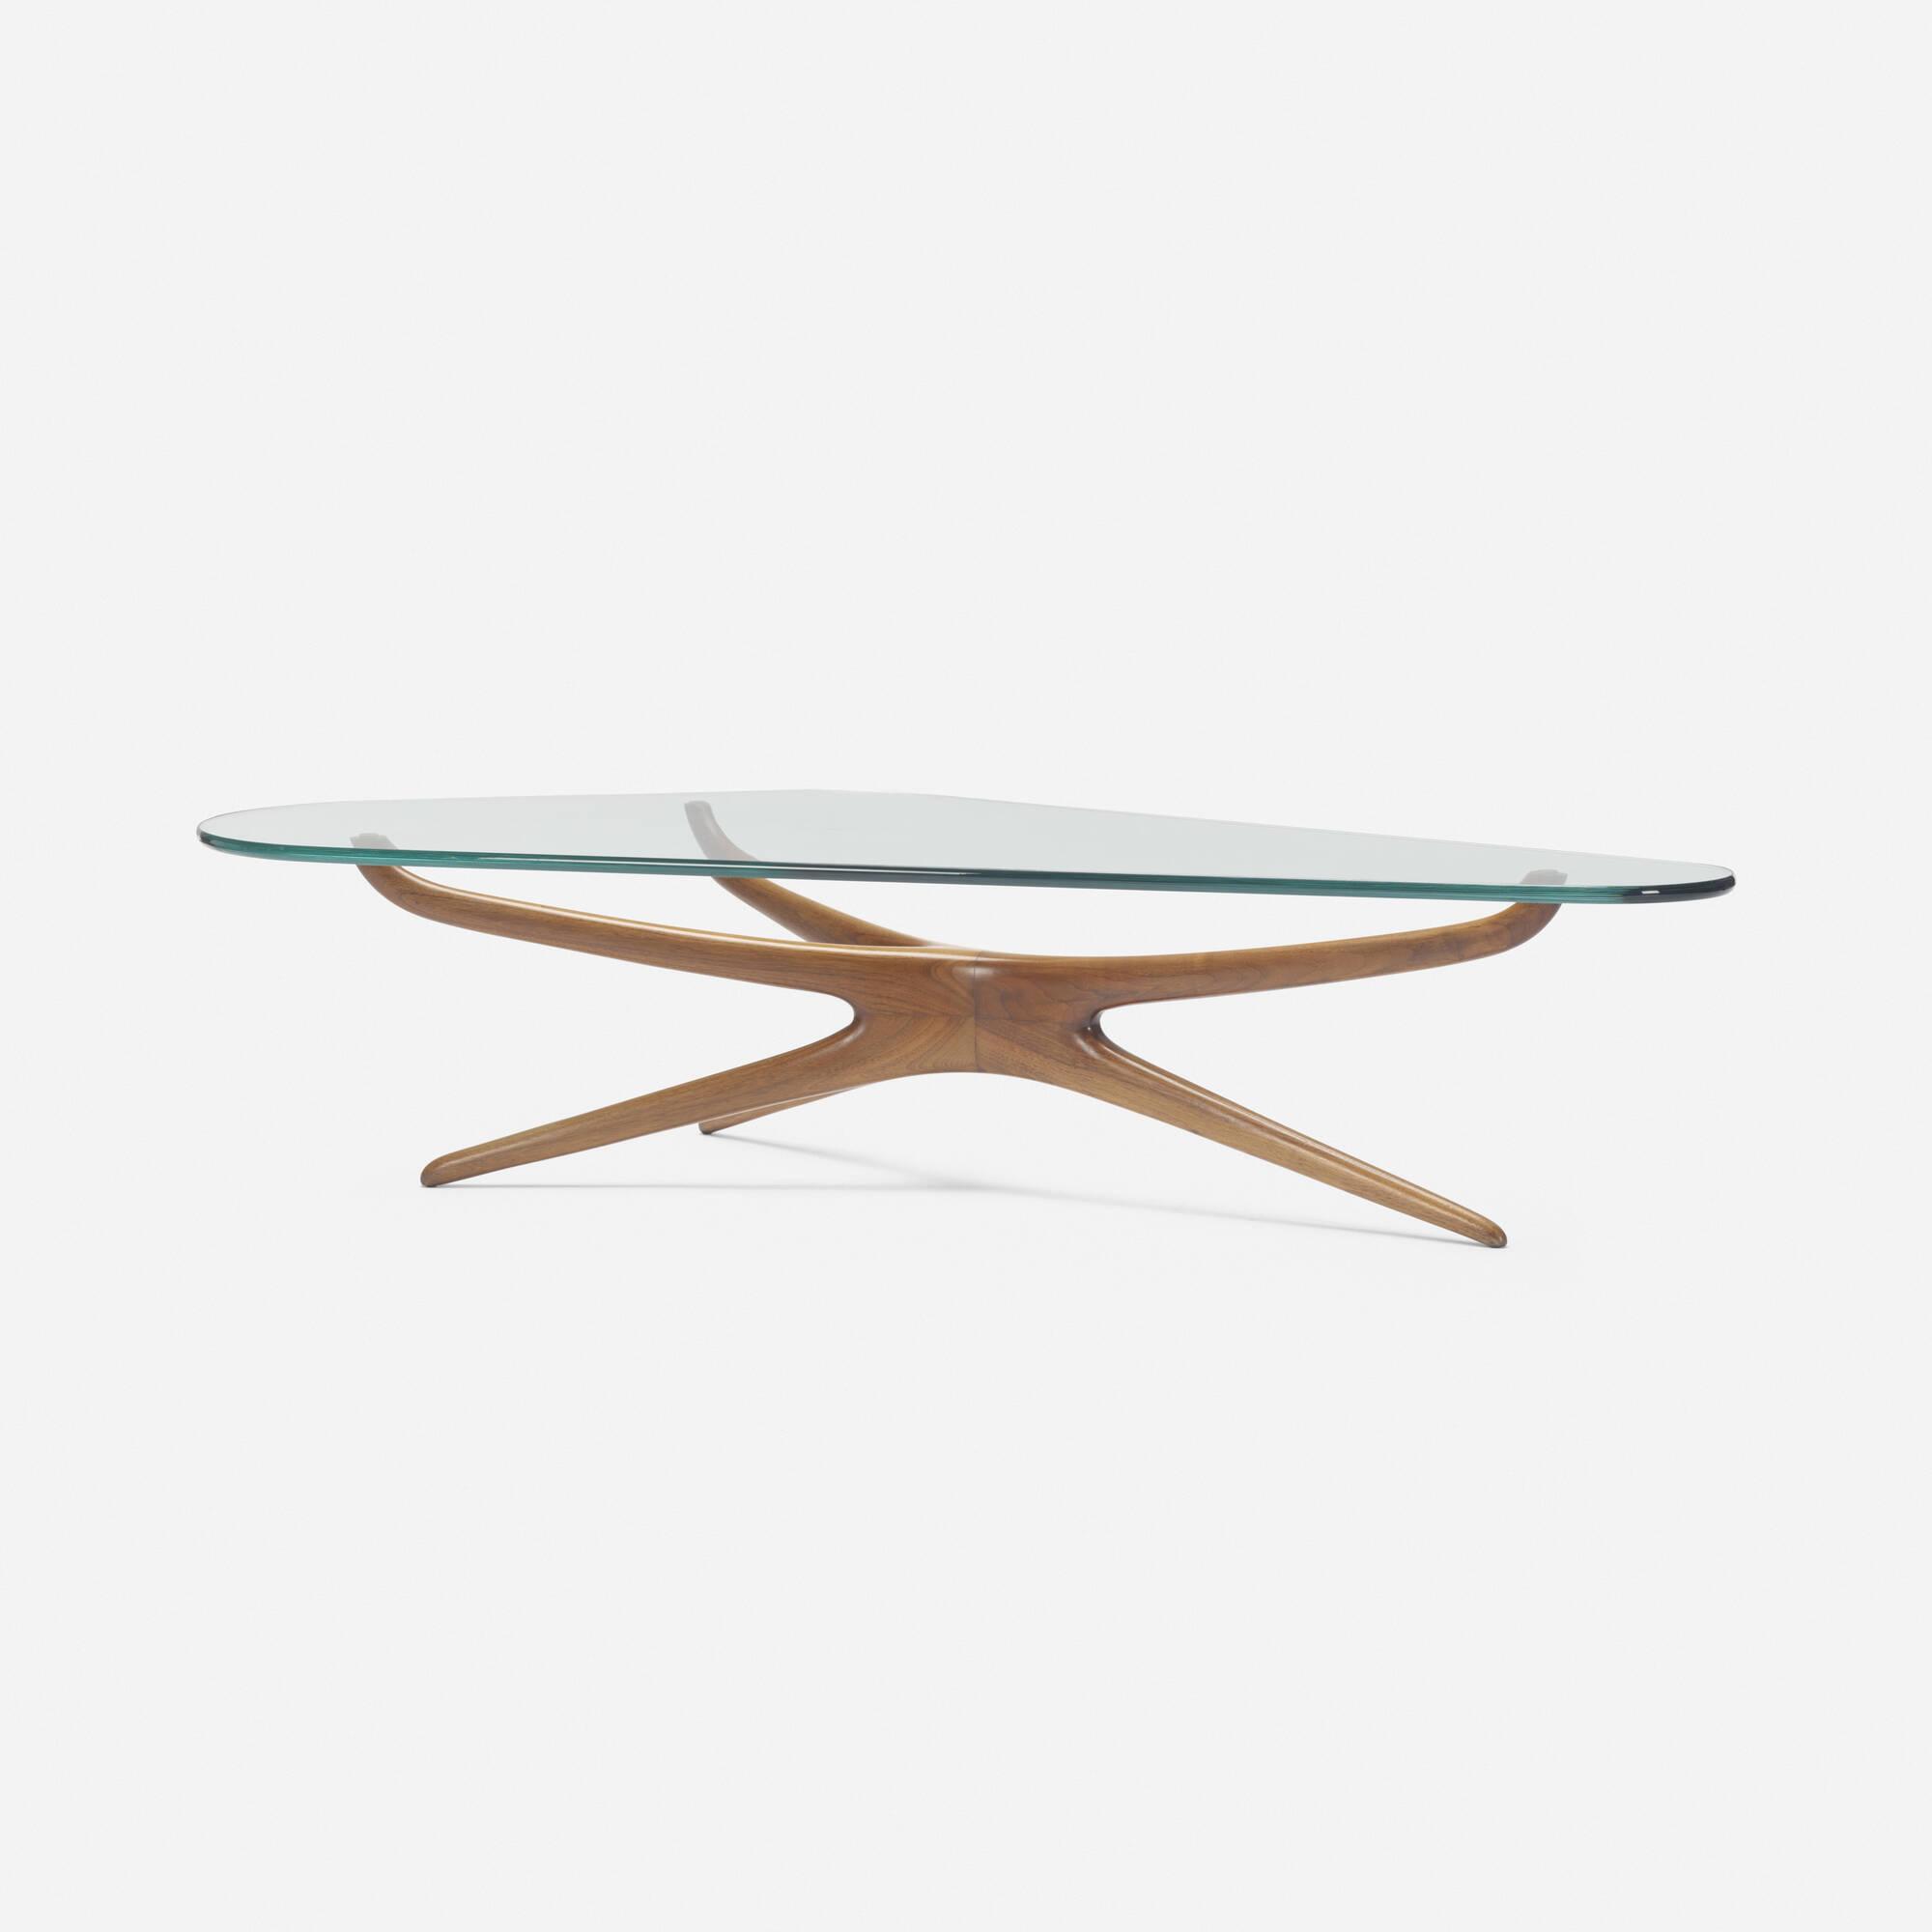 357: Vladimir Kagan / Tri-symmetric coffee table (2 of 2)